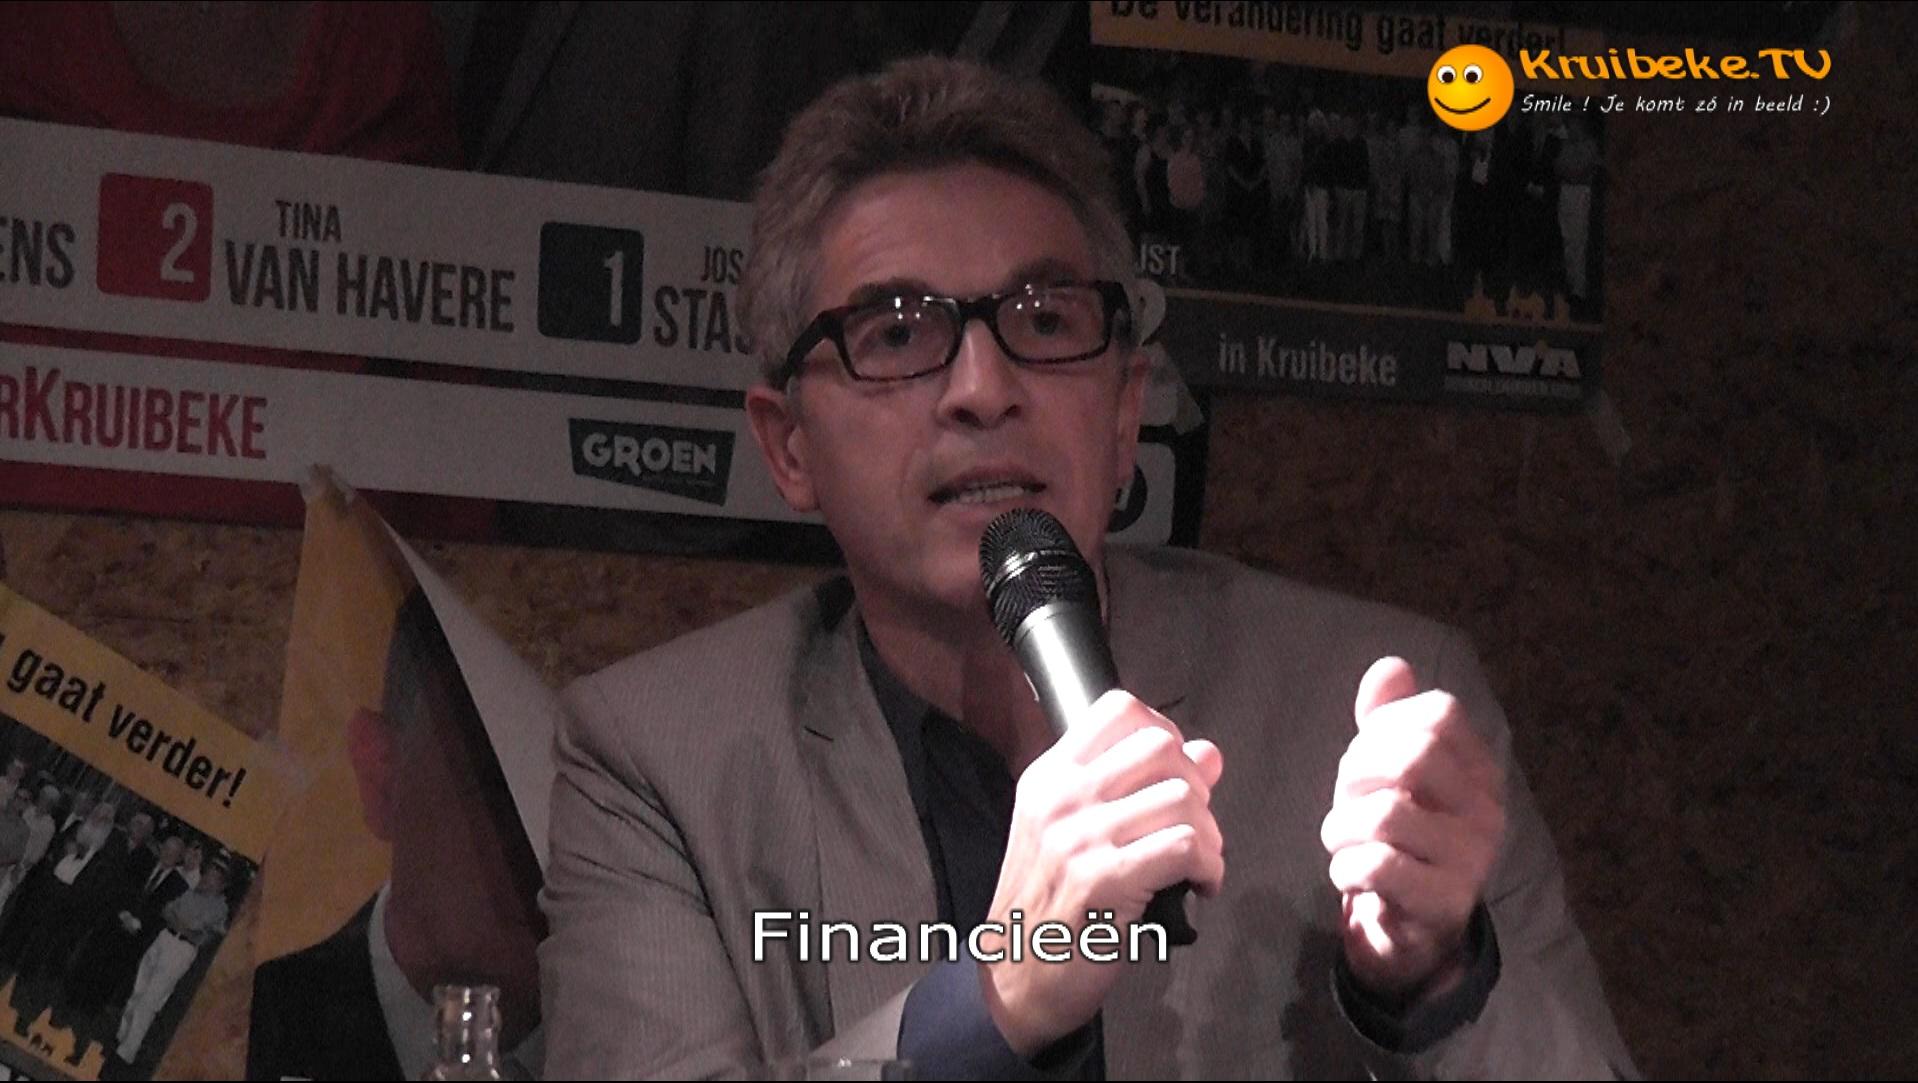 20121007 debattle deel 2 A de lijsttrekkers Financieën 1